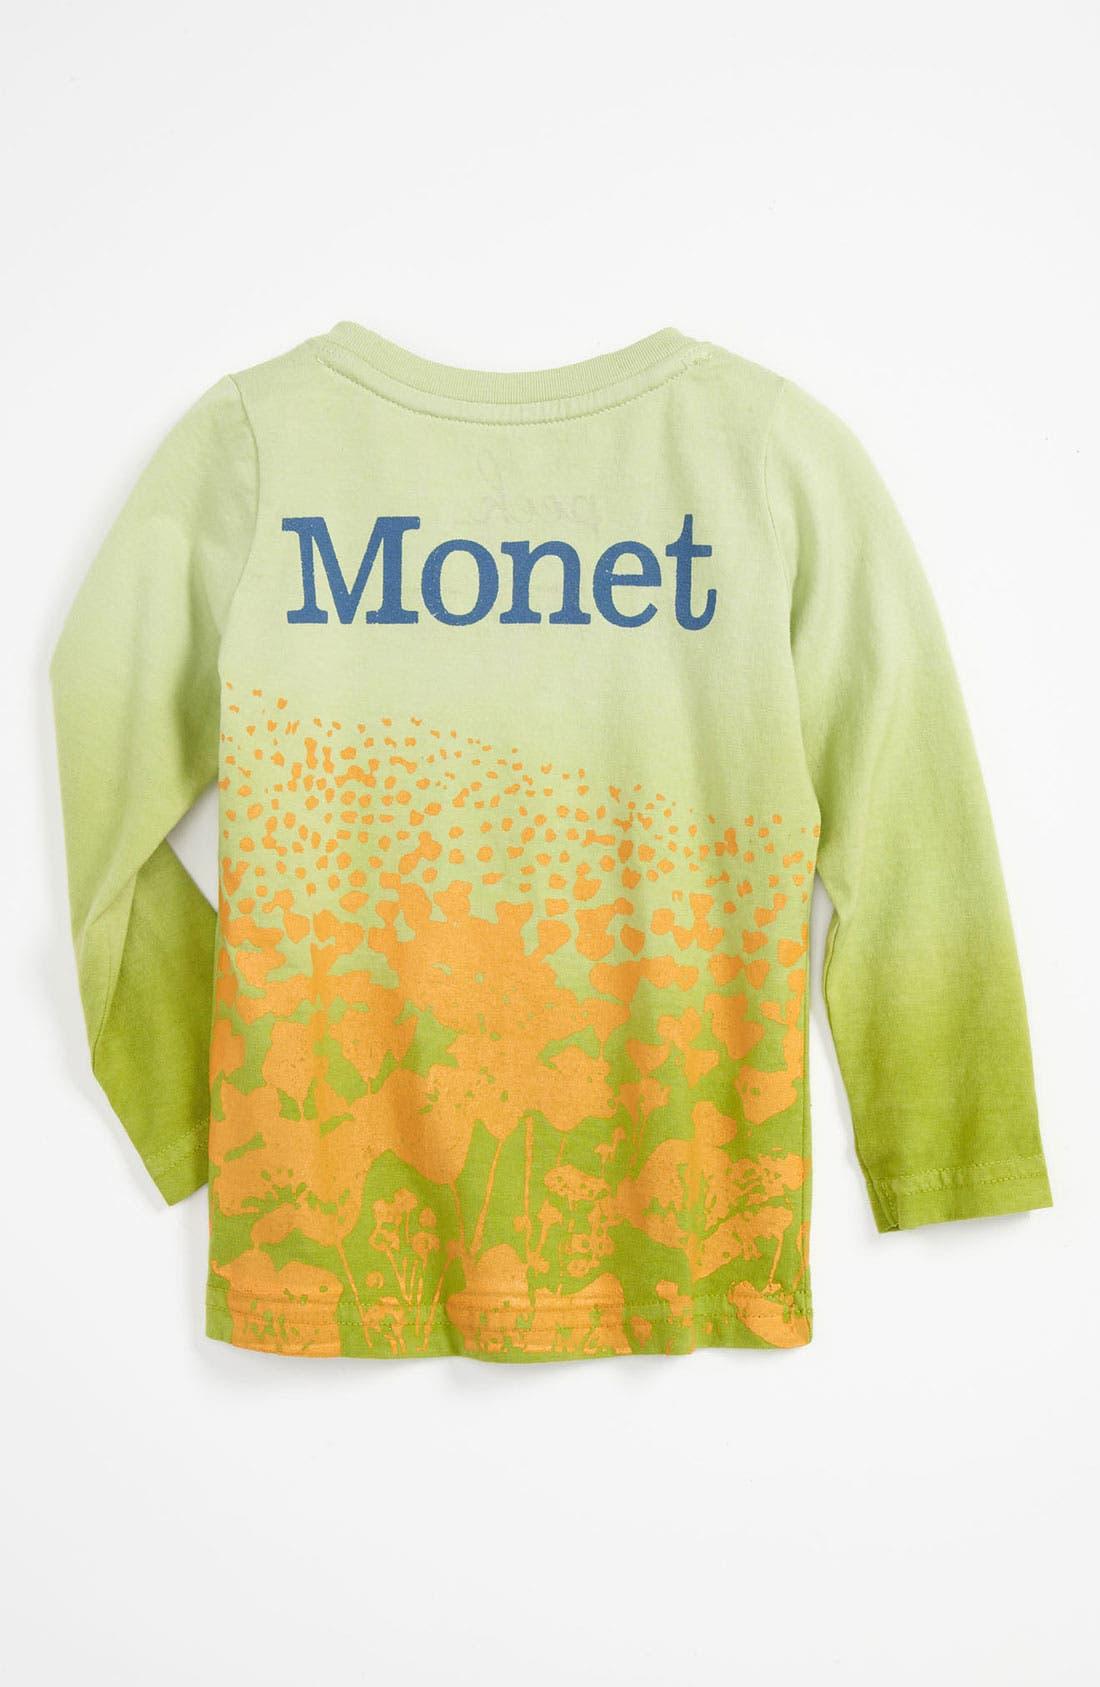 Alternate Image 2  - Peek 'Monet' Tee (Baby)